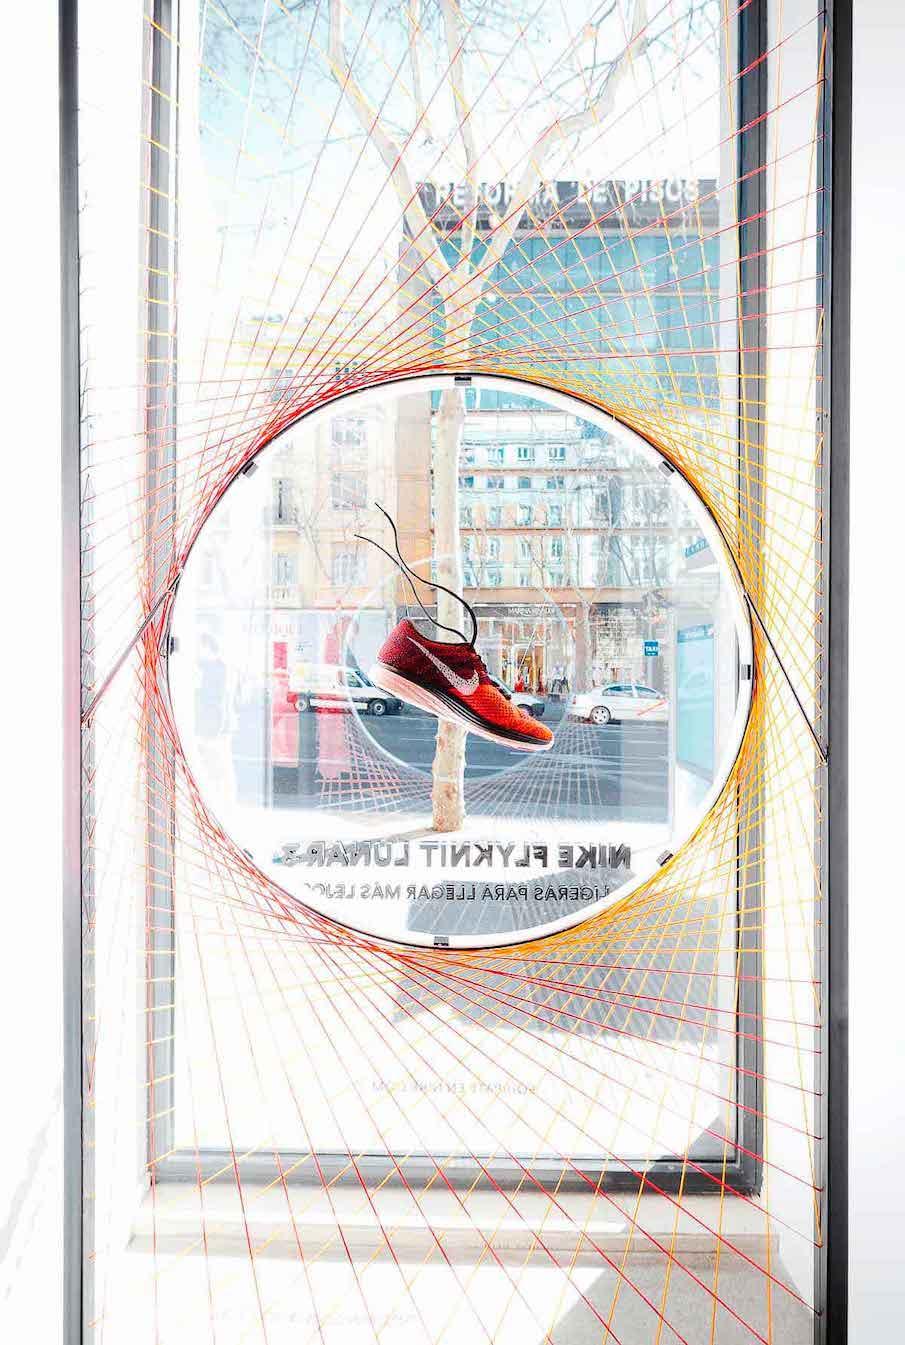 Escaparate con circulo metálico atado con hilos y con neón en tienda de Nike